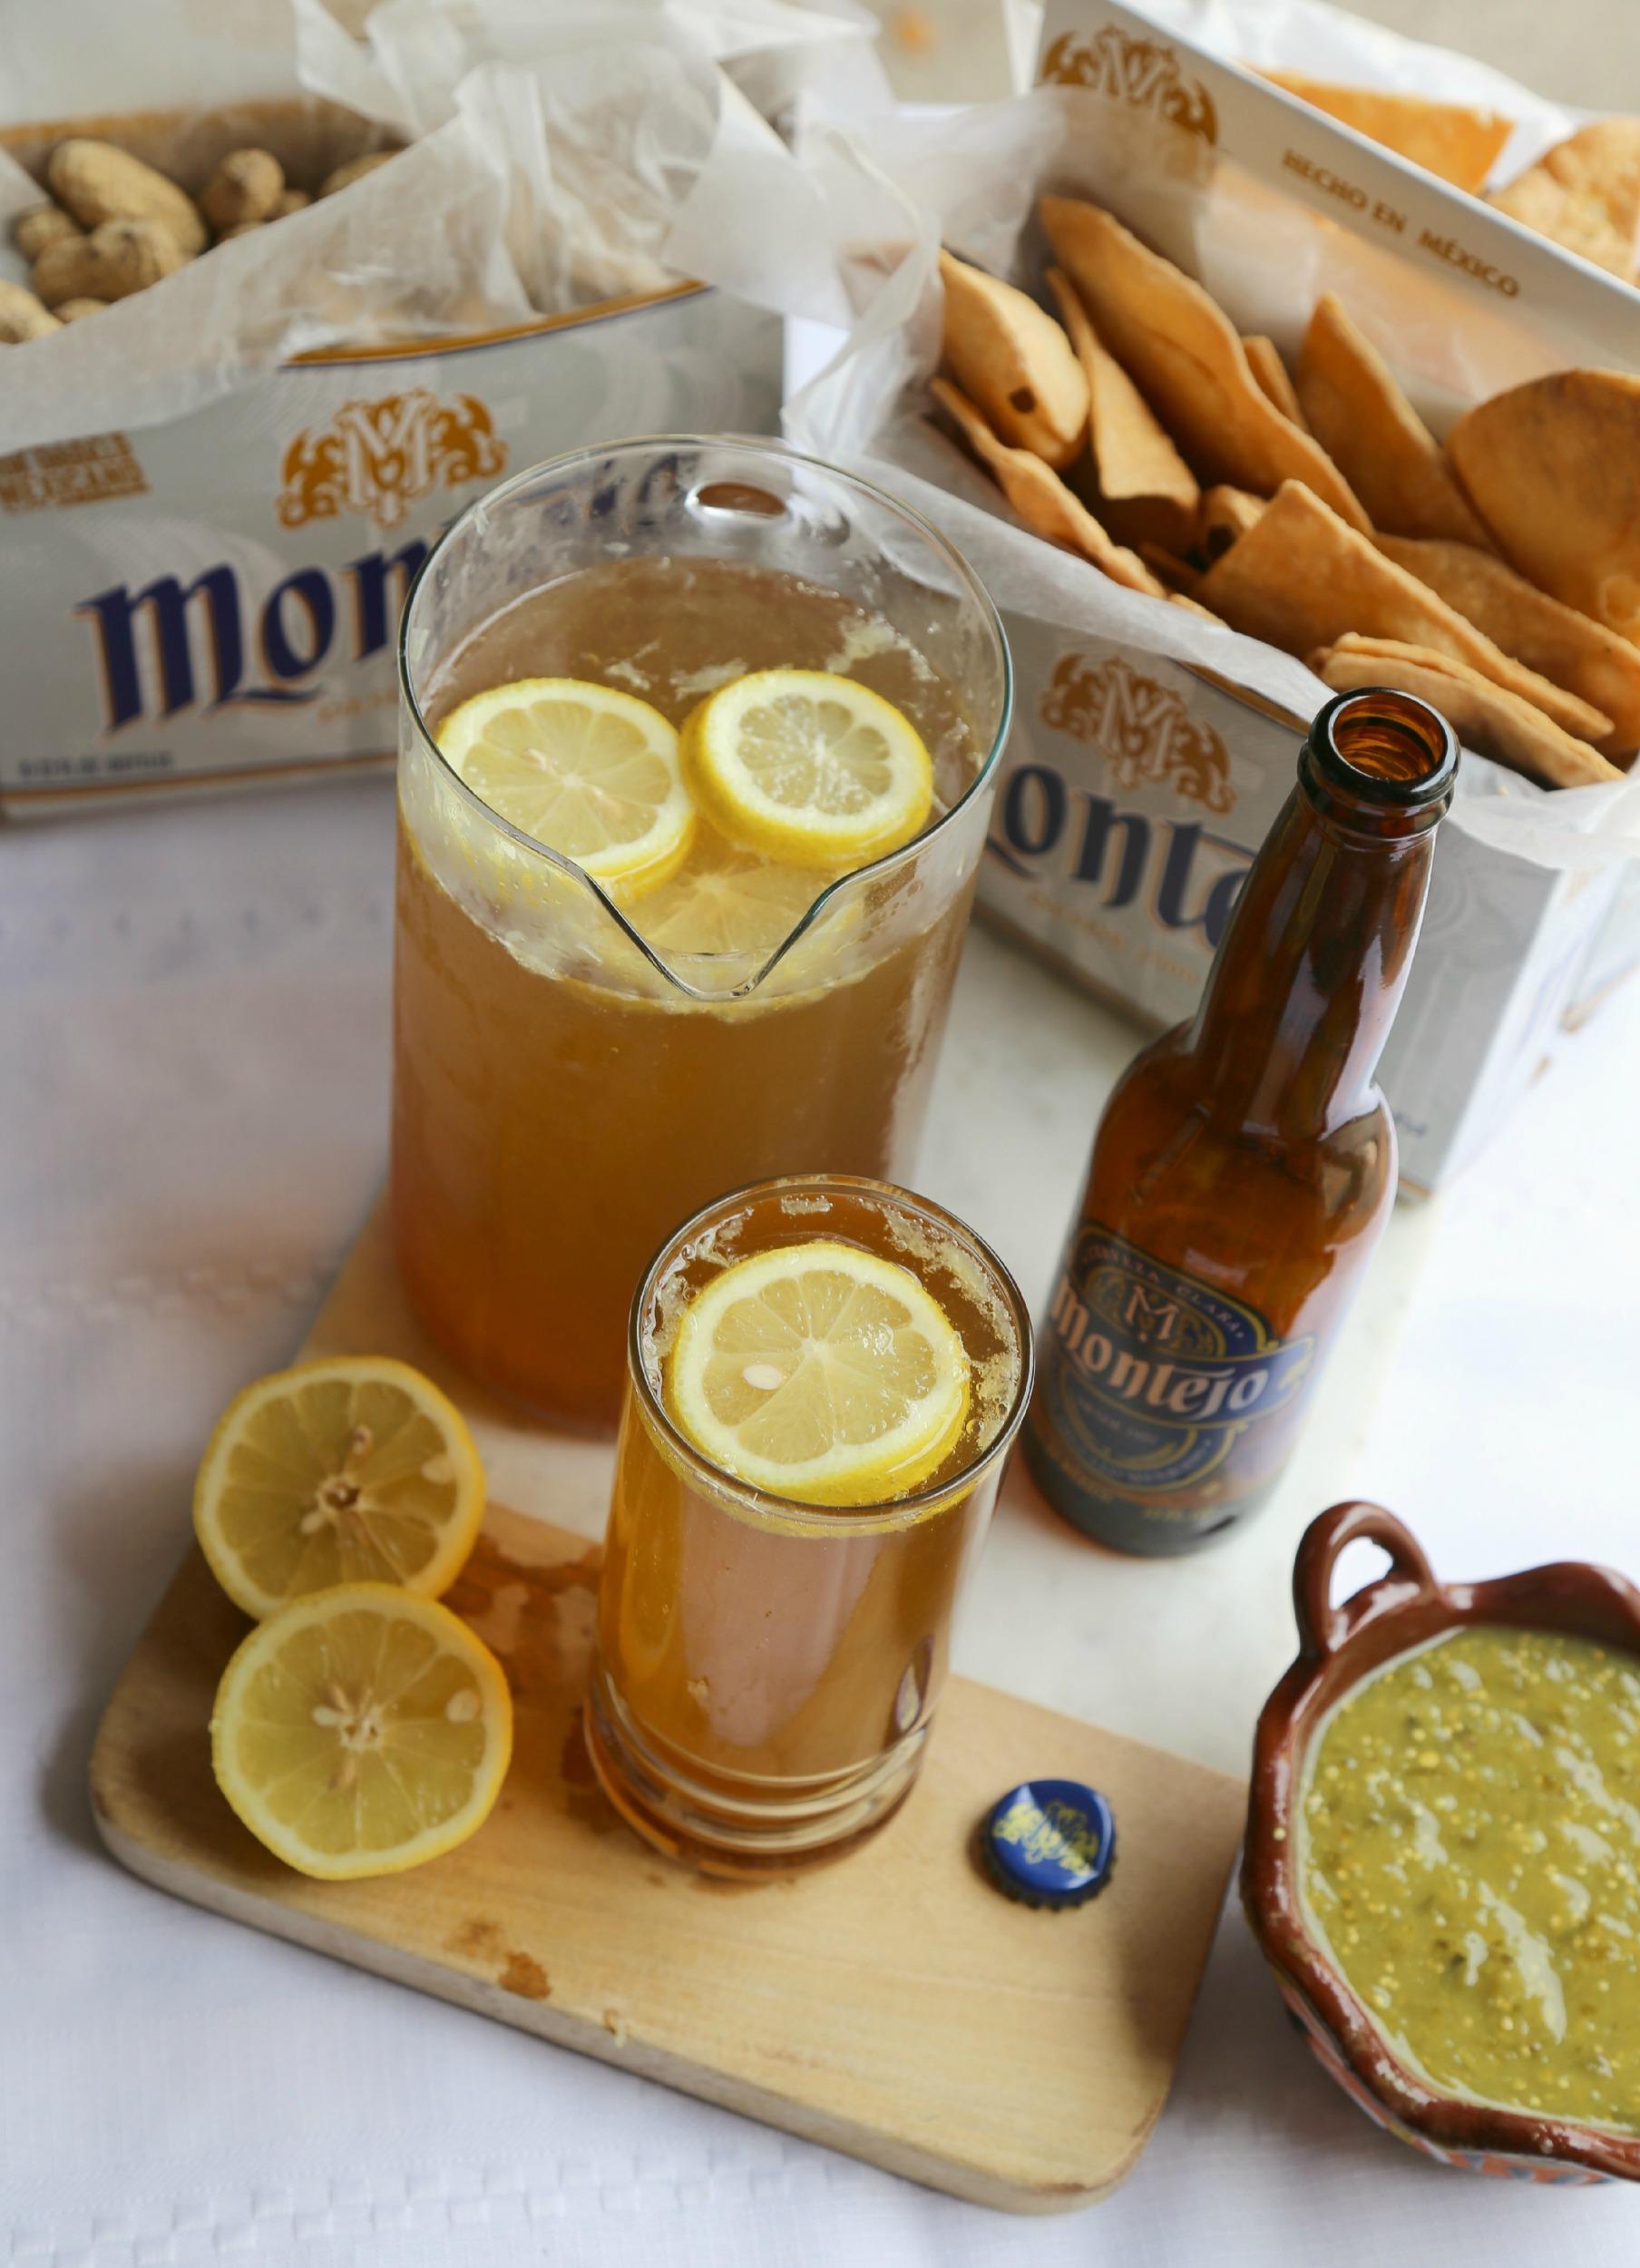 shandy-recipe-tamarind-lemonade-cerveza-VianneyRodriguez-sweetlifebake-beercocktail